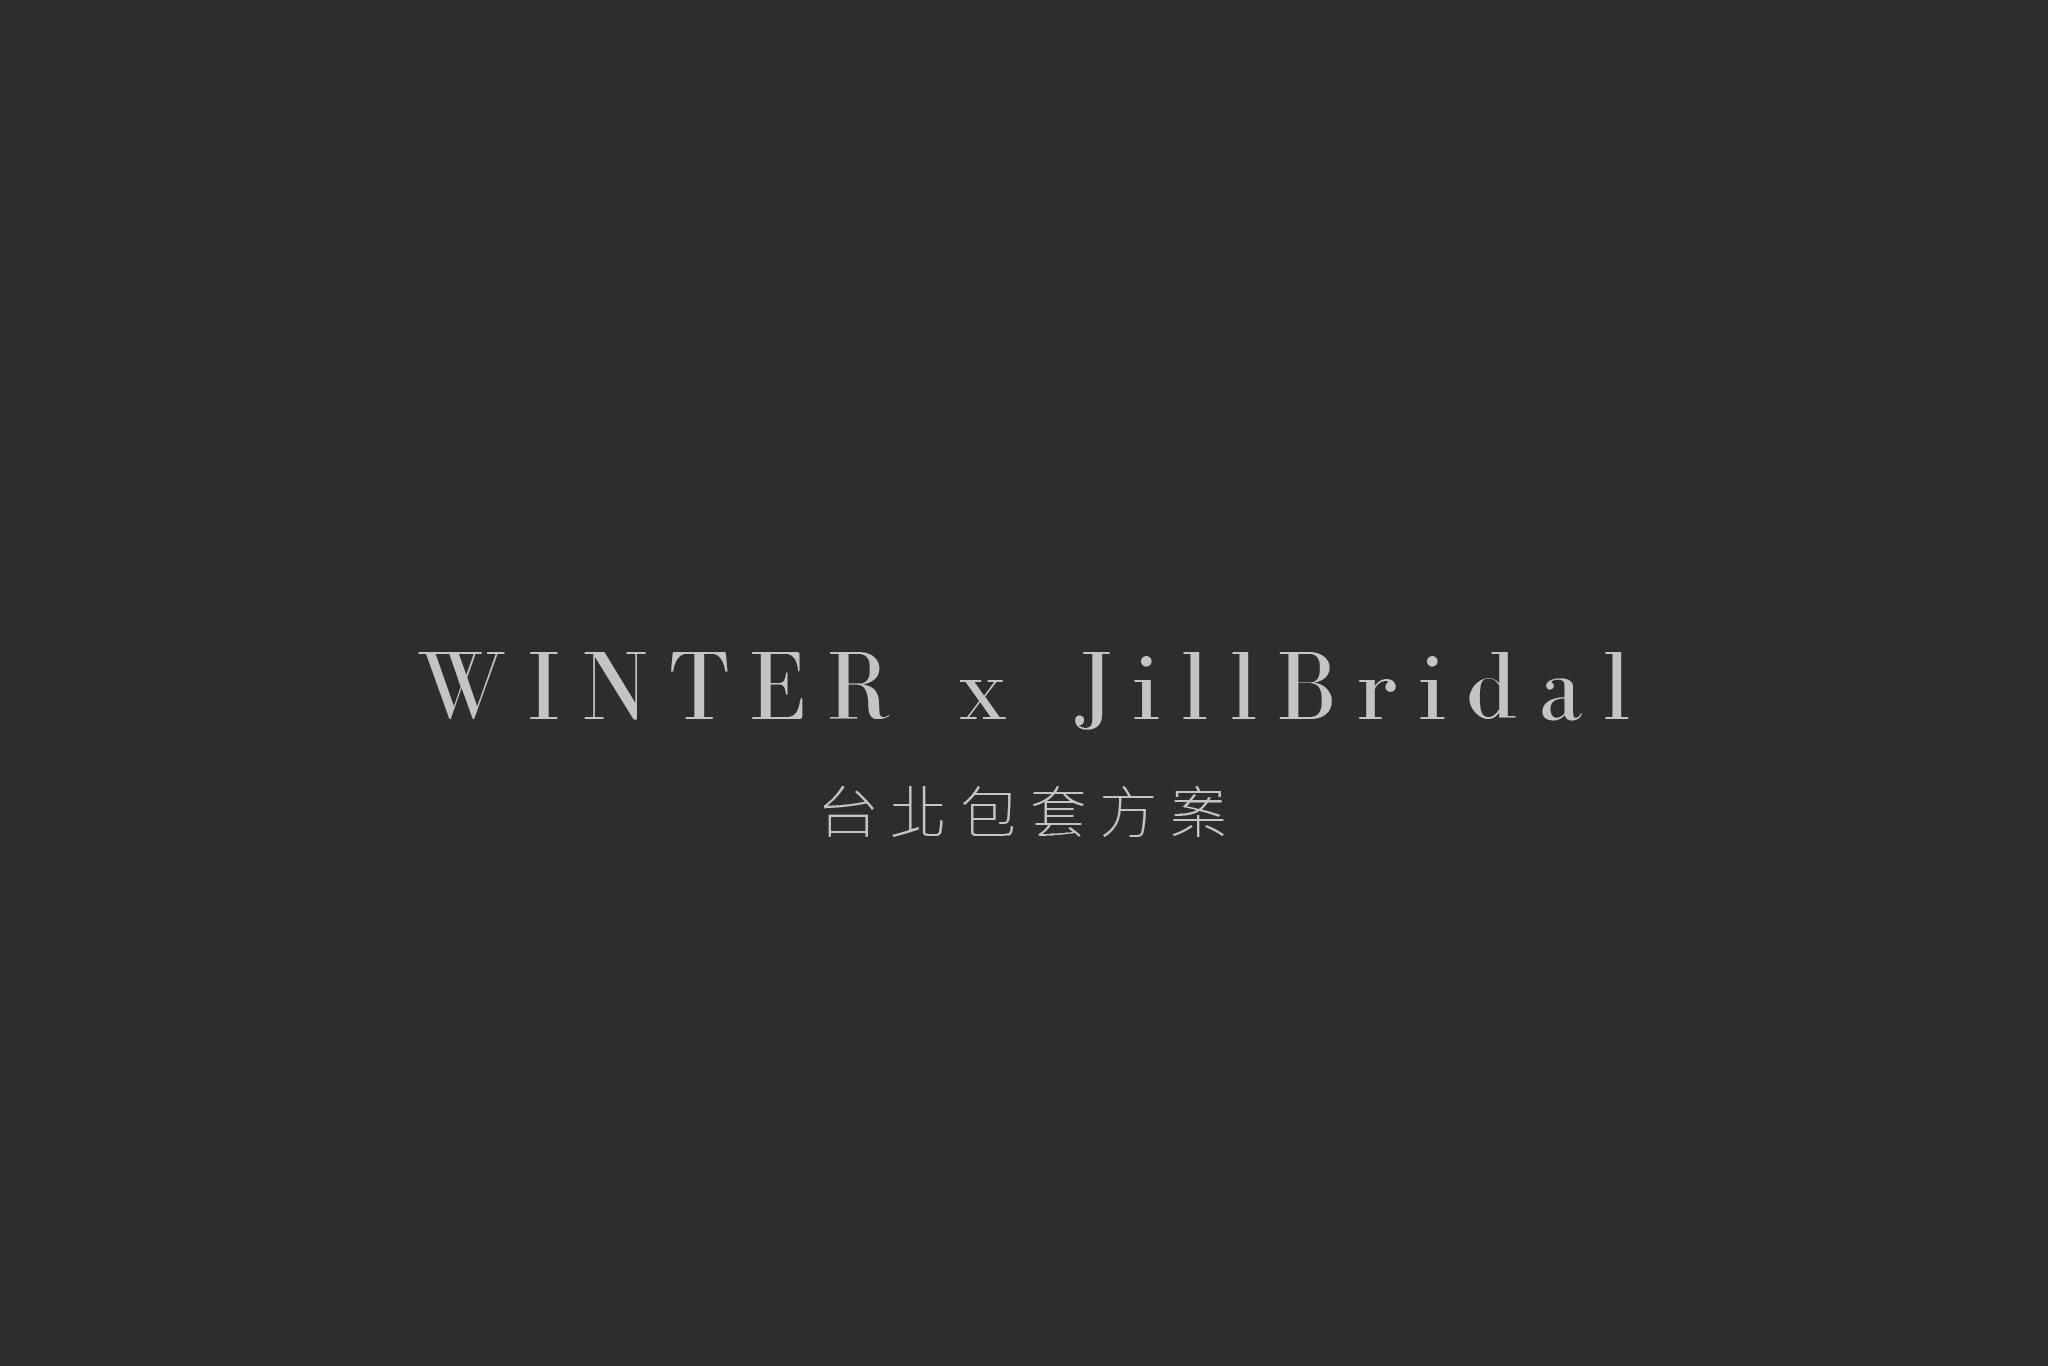 台北|WINTER x JillBridal  包套方案